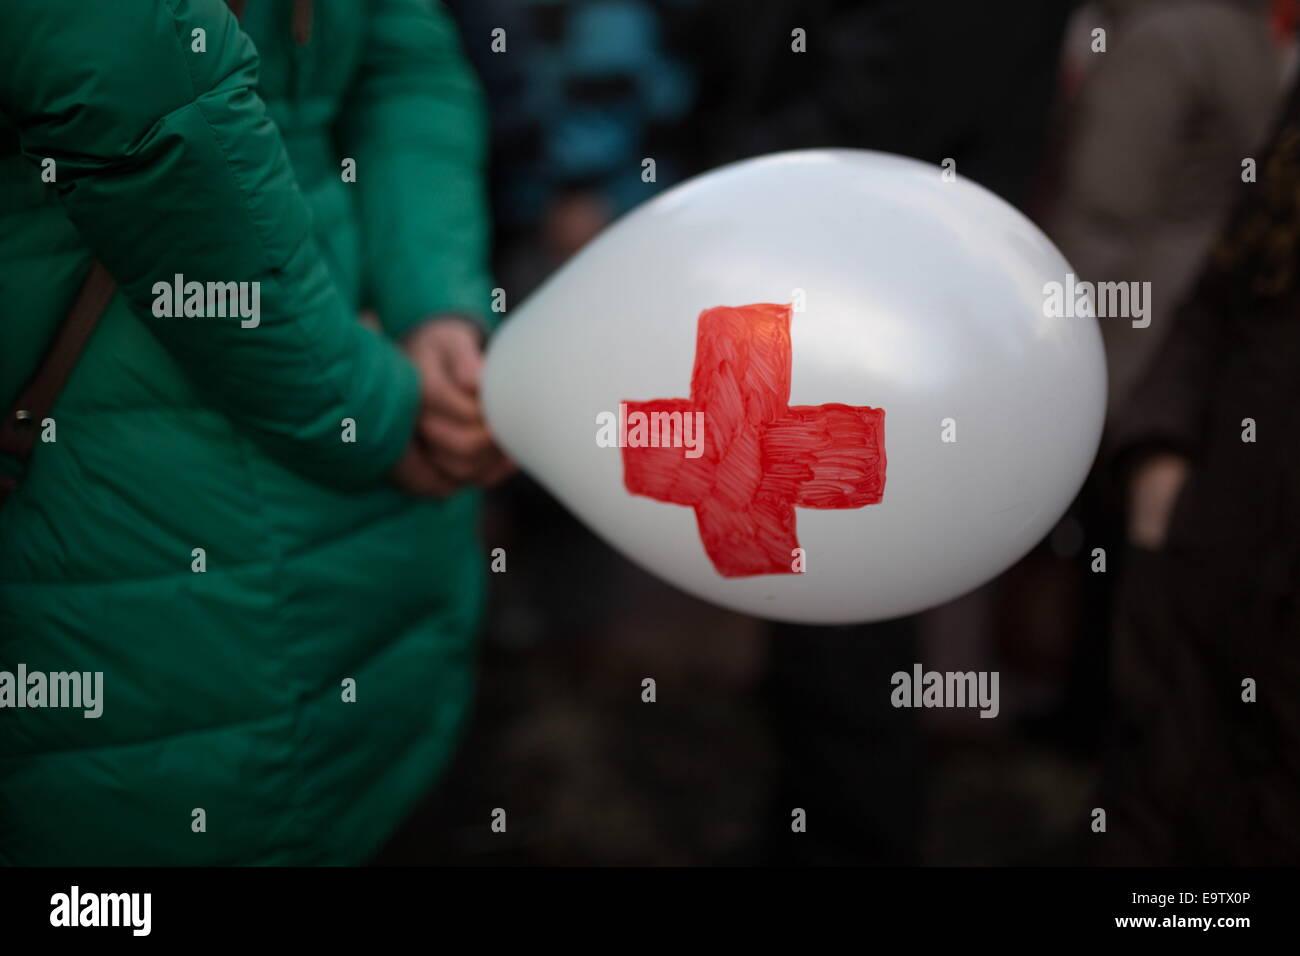 Moscú, Rusia. 2 nov, 2014. Un manifestante con un globo con una cruz roja en su interior durante una protesta Imagen De Stock